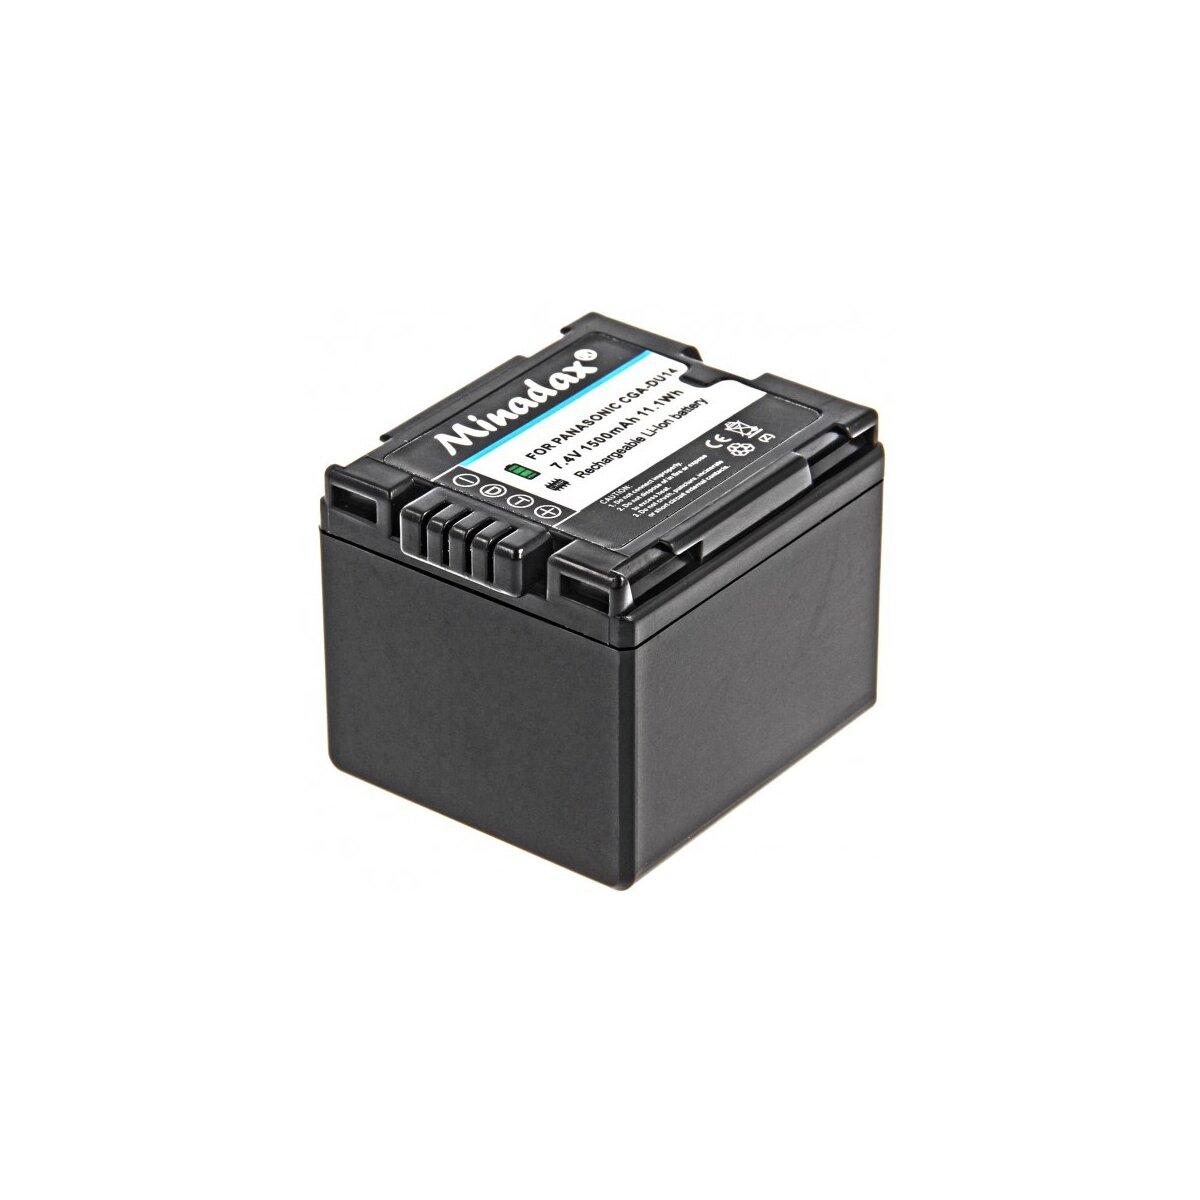 Minadax® Qualitaetsakku mit echten 1500 mAh fuer Panasonic NV-GS10 GS150 GS180 GS200 GS22 GS230 GS25 GS250 GS27 GS35 GS60 GS75, wie CGA-DU14 - Intelligentes Akkusystem mit Chip